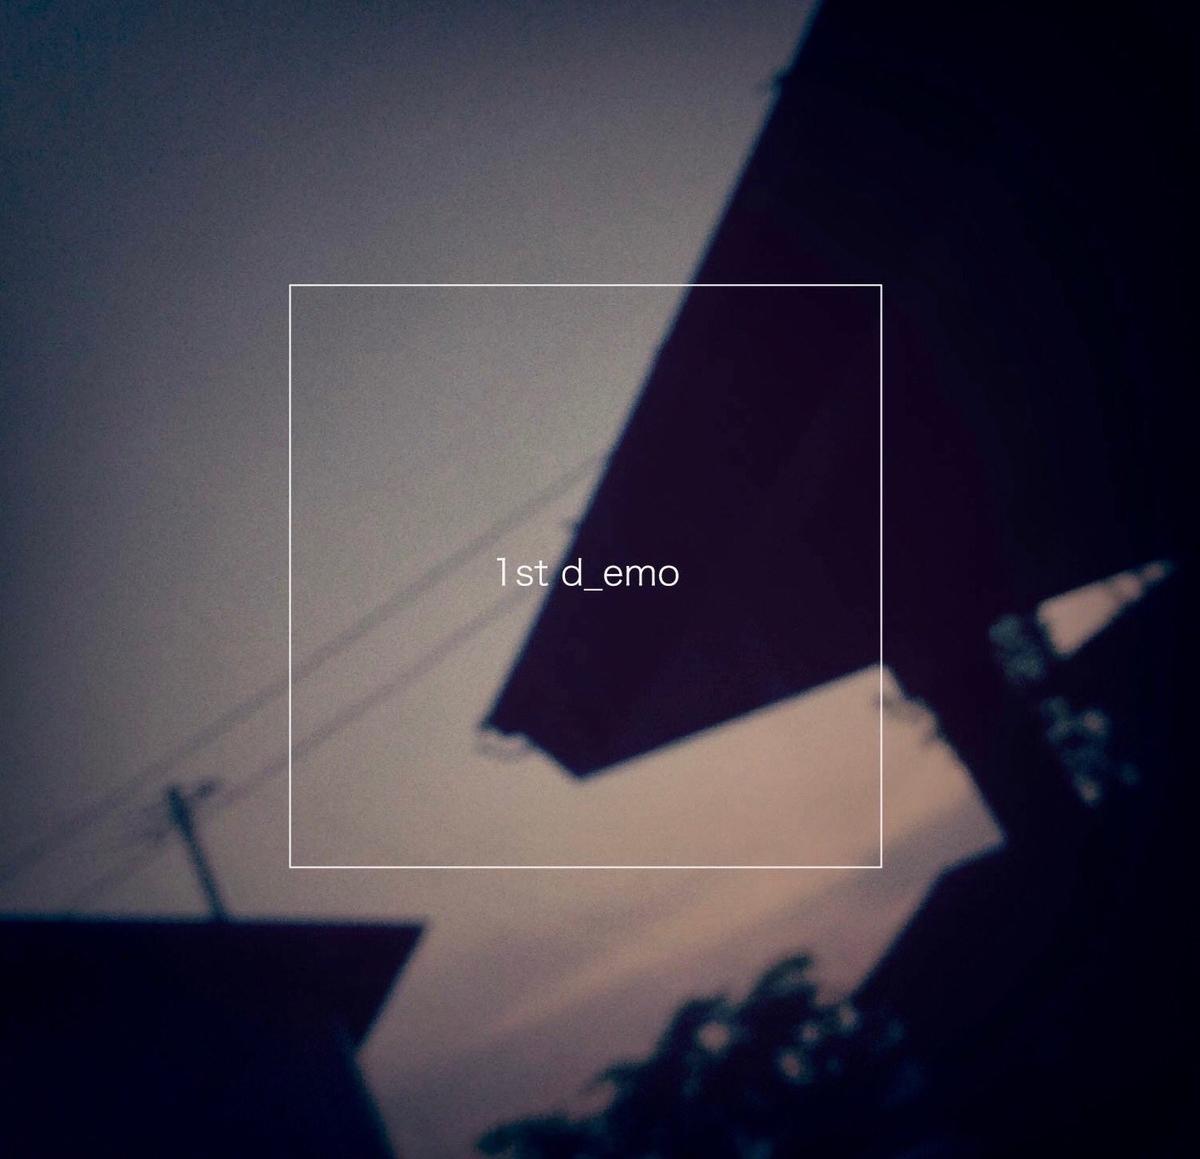 f:id:melancholyyouth:20191216155225j:plain